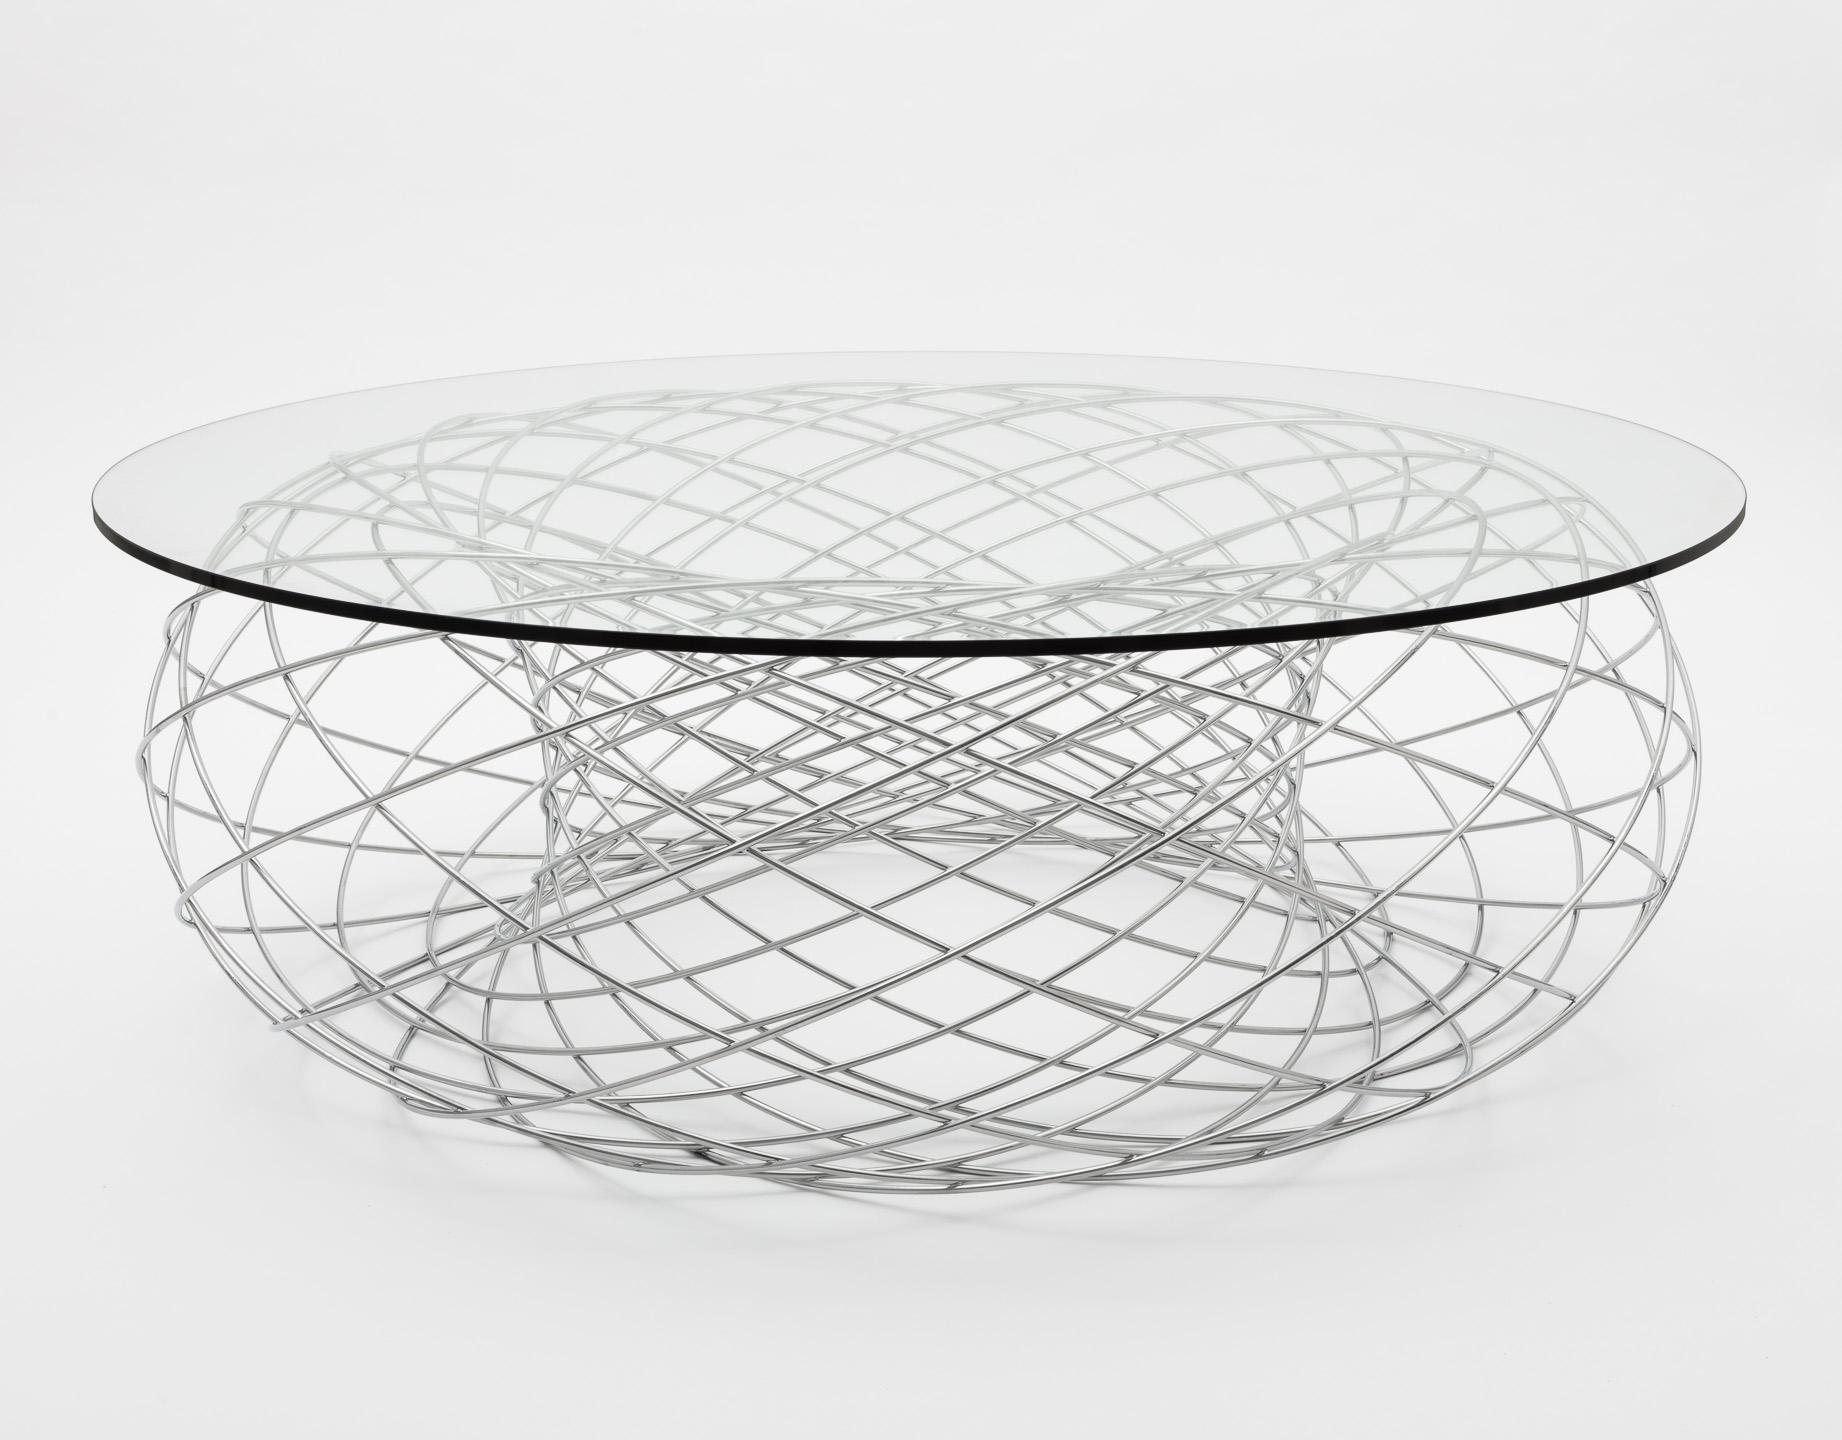 Studiofoto von Designertisch vor weißem Hintergrund